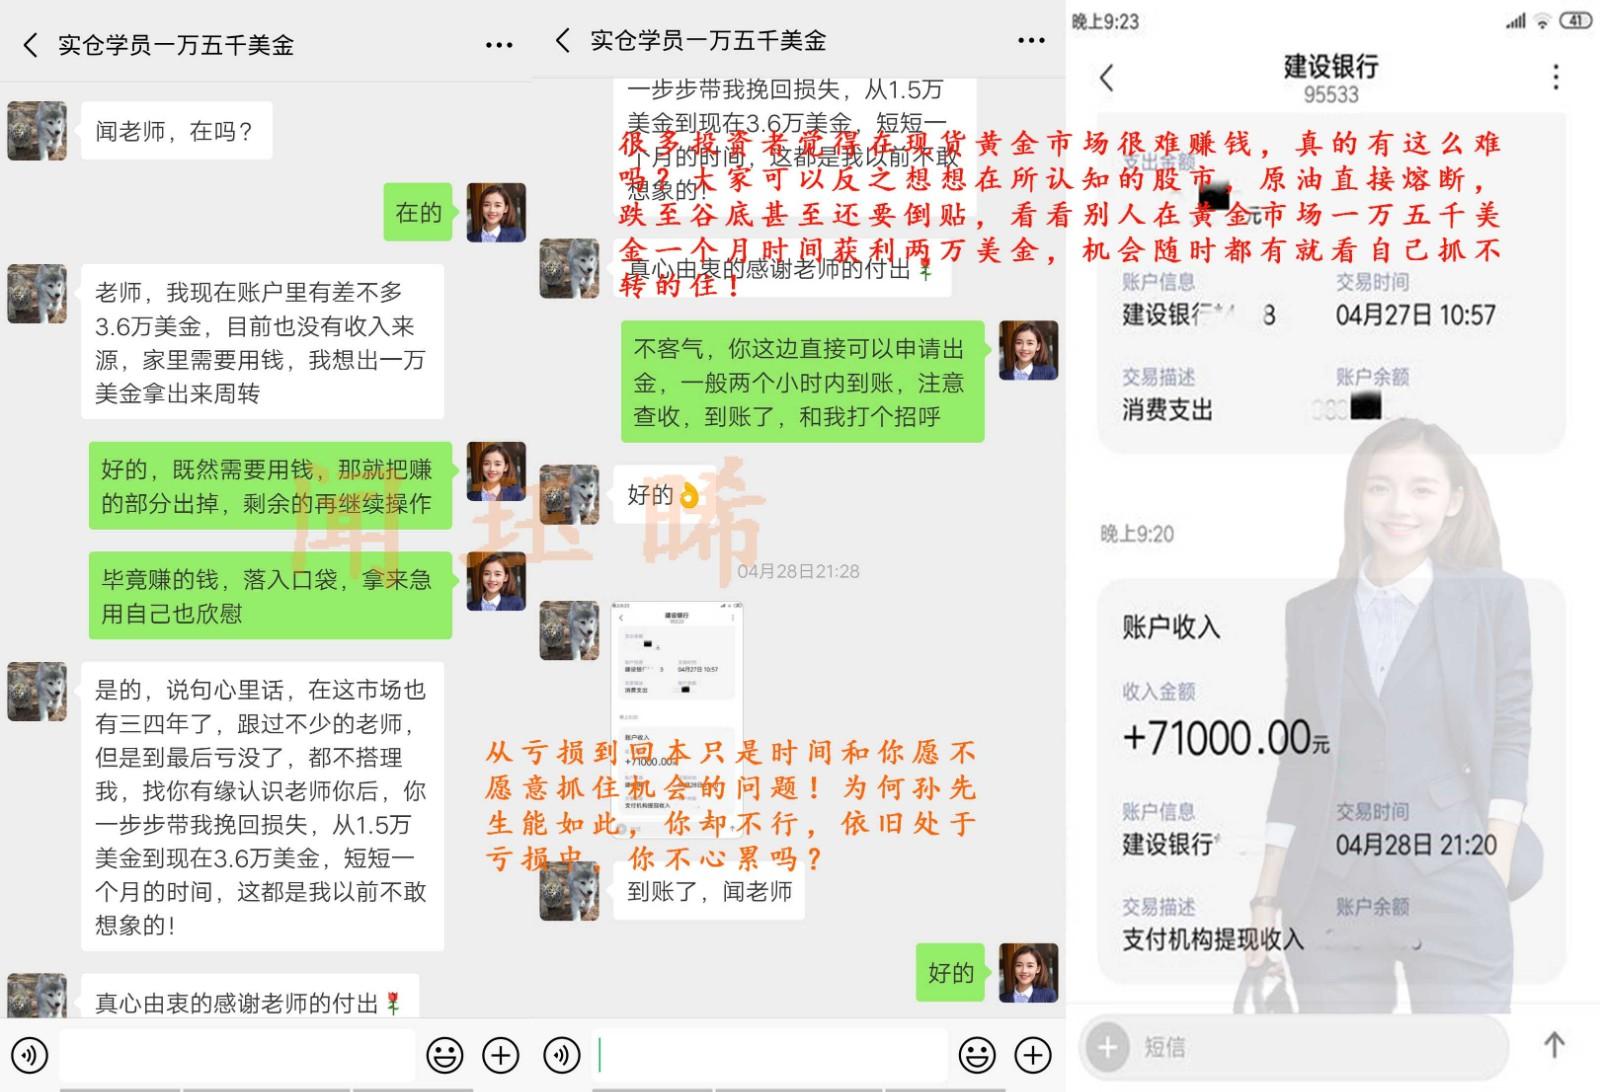 出金盈利wjuexi.jpg